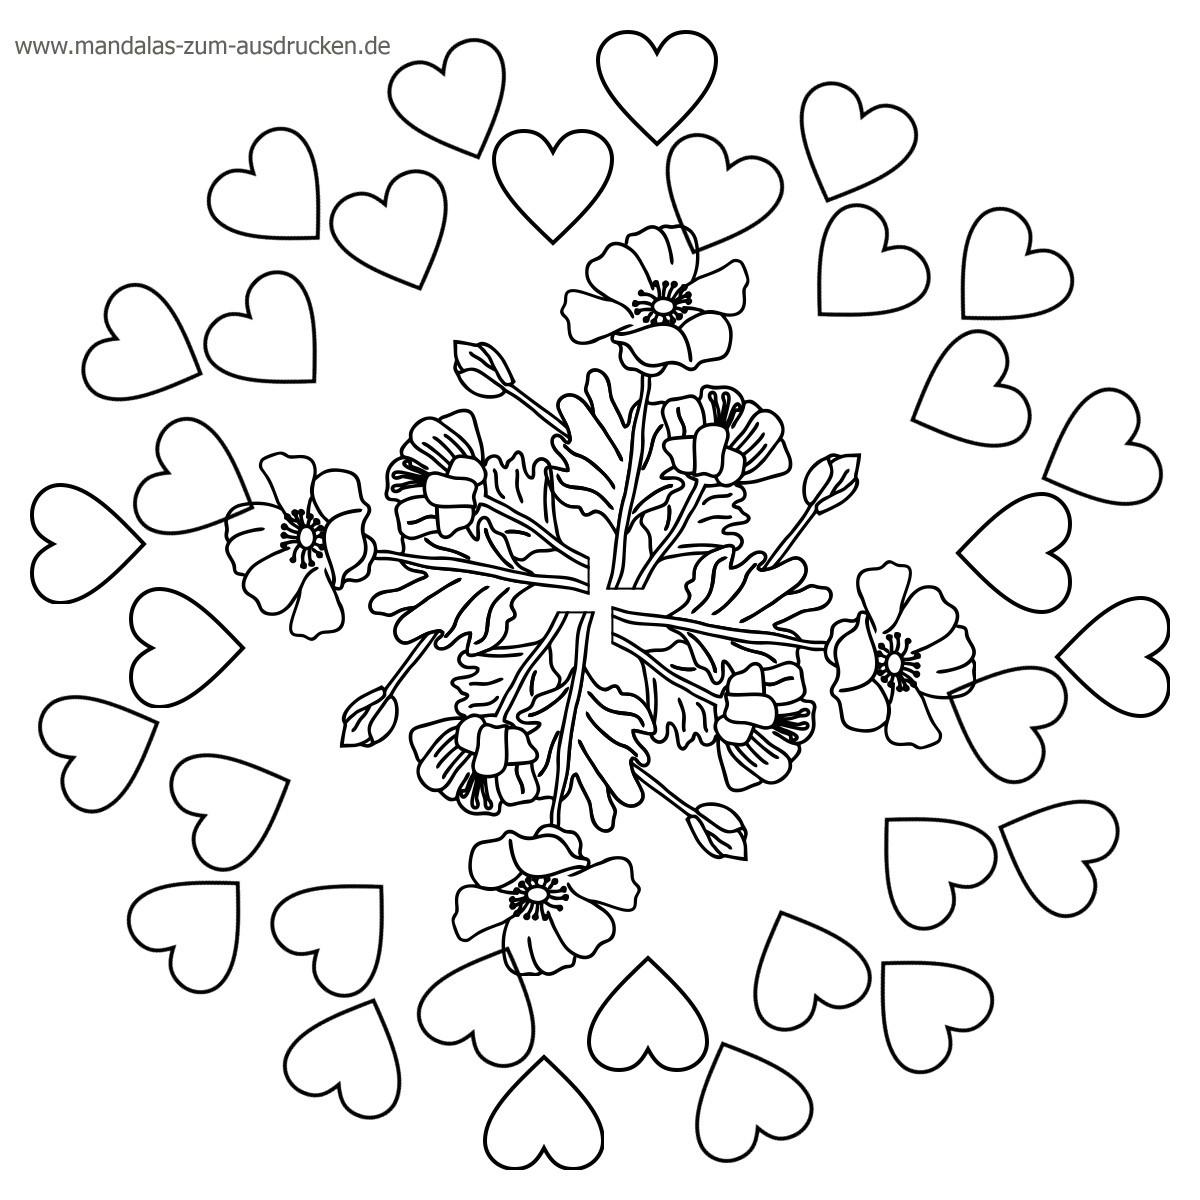 Herz Zum Ausmalen Einzigartig Druckbare Malvorlage Ausmalbilder Mandala Beste Druckbare Stock